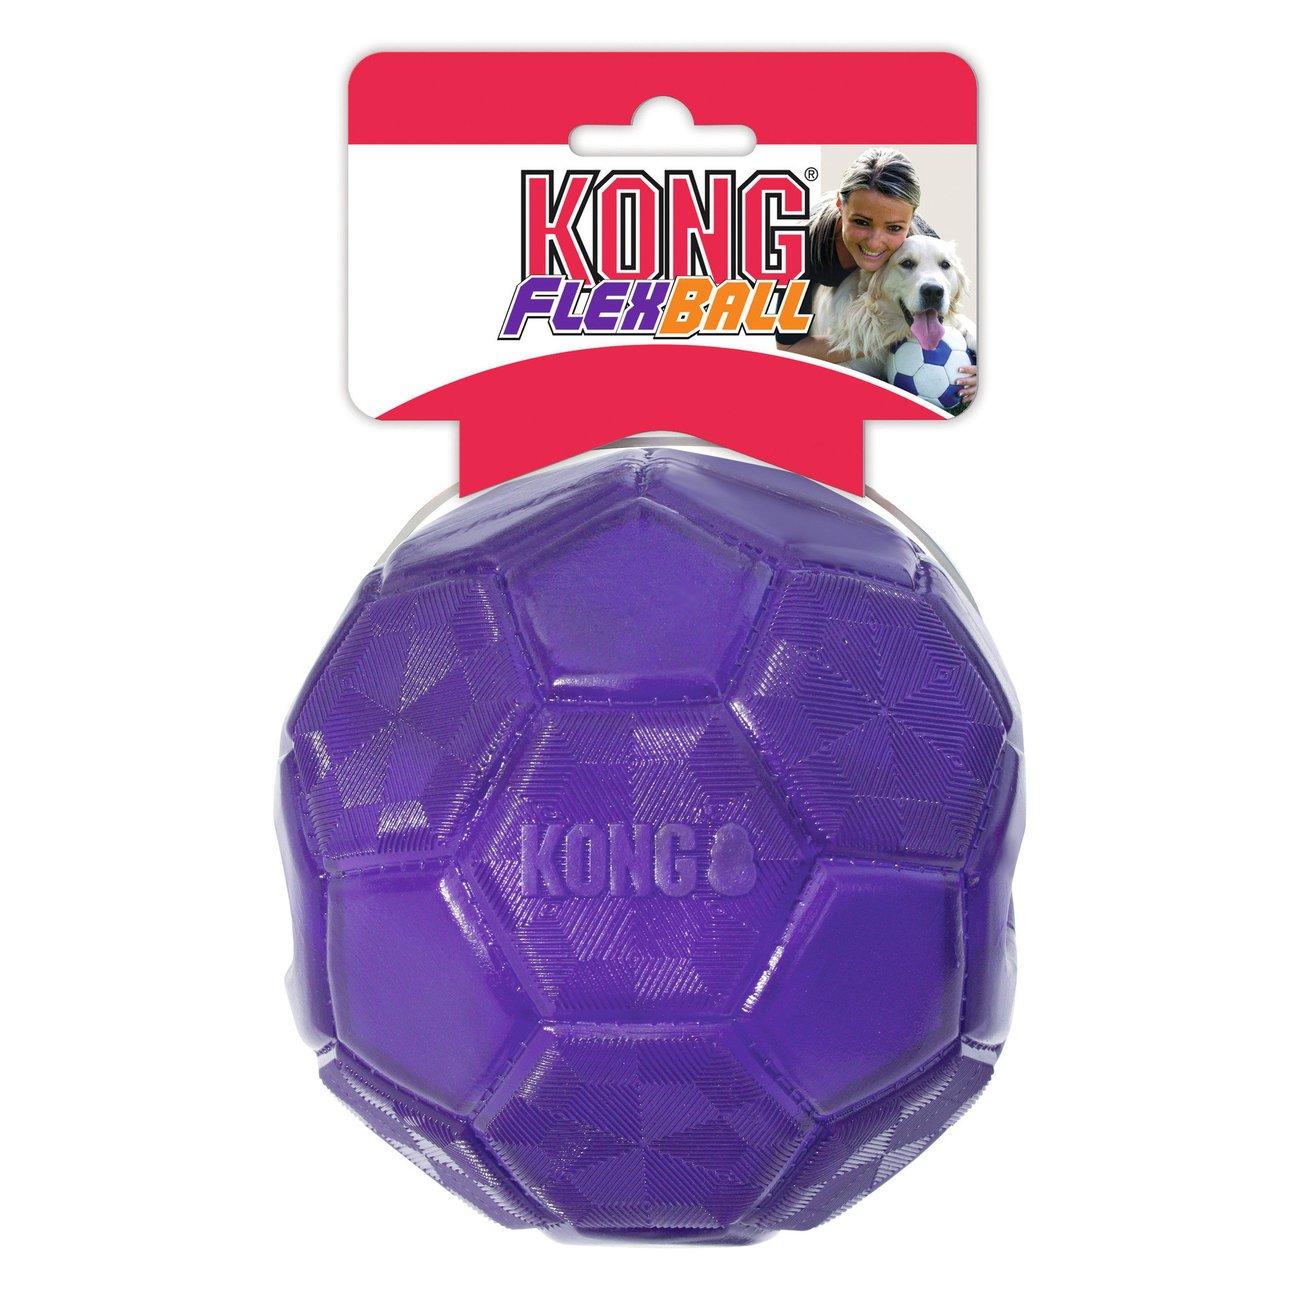 KONG Flexball, Bild 3